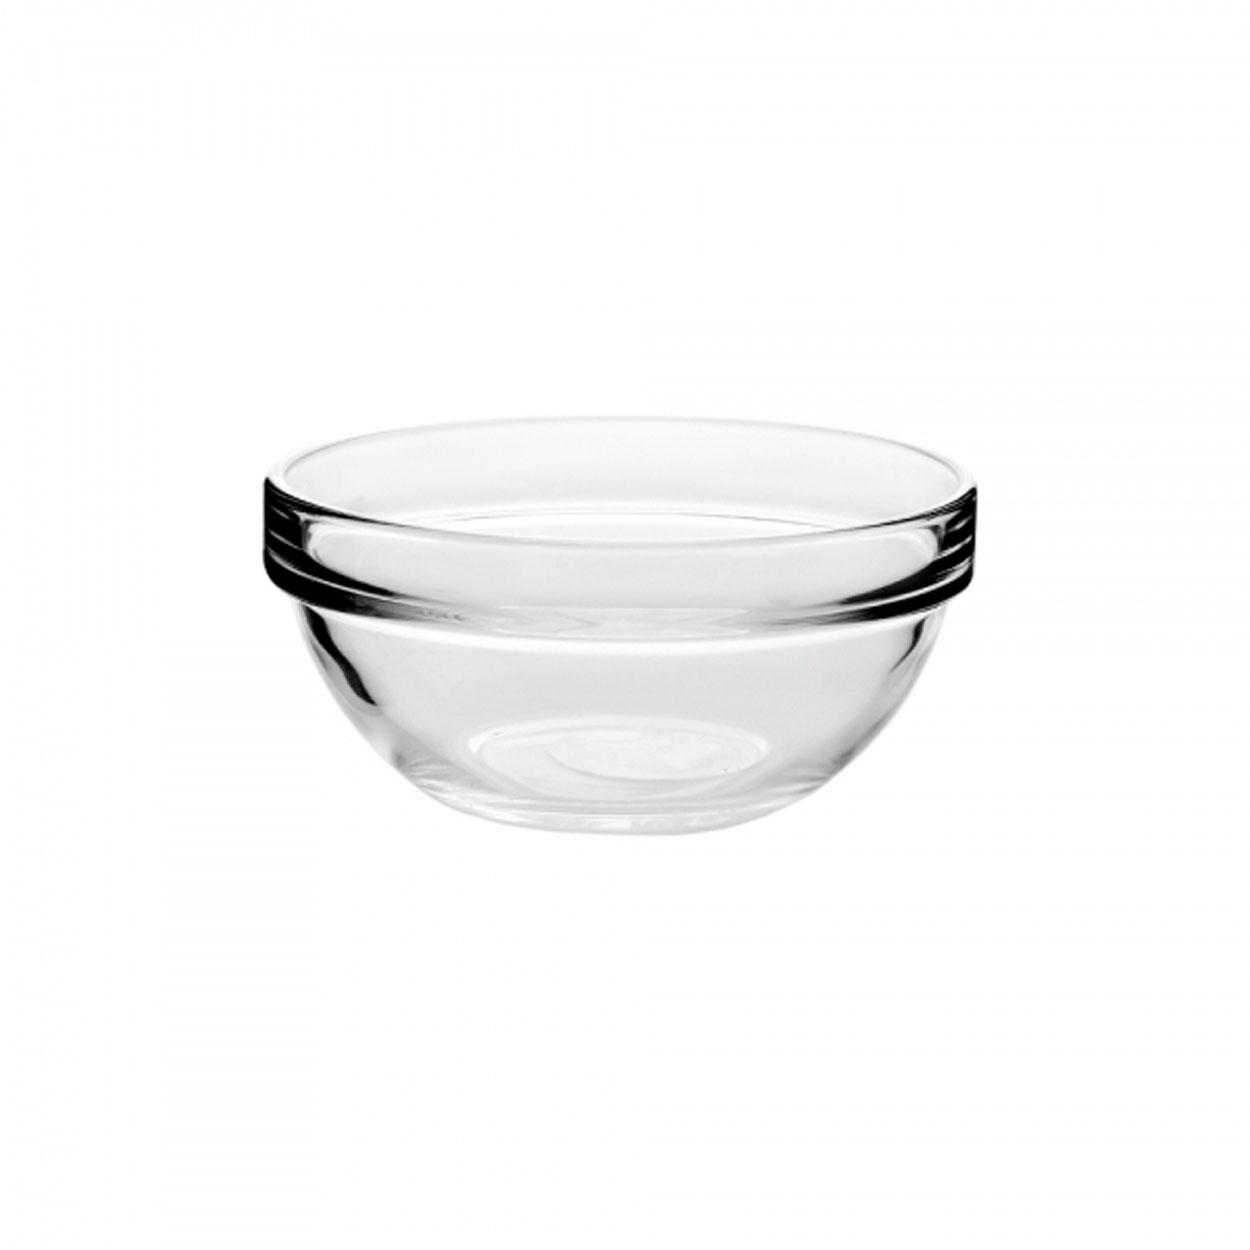 Салатник Luminarc Empilable, диаметр 12 смH3544Салатник Luminarc Empilable отлично подойдет для подачи салатов из свежих овощей и фруктов, насыщая каждого участника трапезы полезными витаминами. Простой и универсальный салатник на каждый день изготовлен из качественного стекла, безопасен при контакте с пищевыми продуктами, не выделяет вредных веществ. Можно мыть в посудомоечной машине и использовать в СВЧ. Диаметр салатника: 12 см. Высота салатника: 5,5 см.